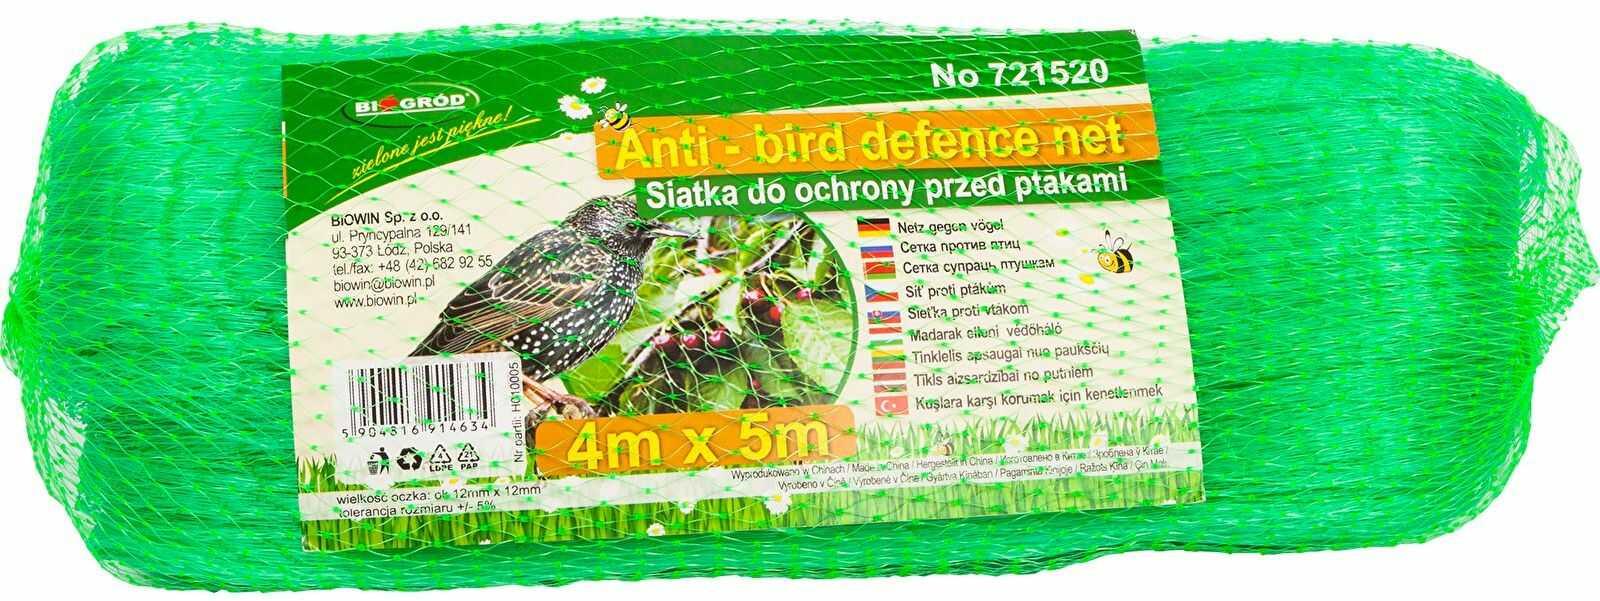 Siatka przeciw ptakom 4x5m